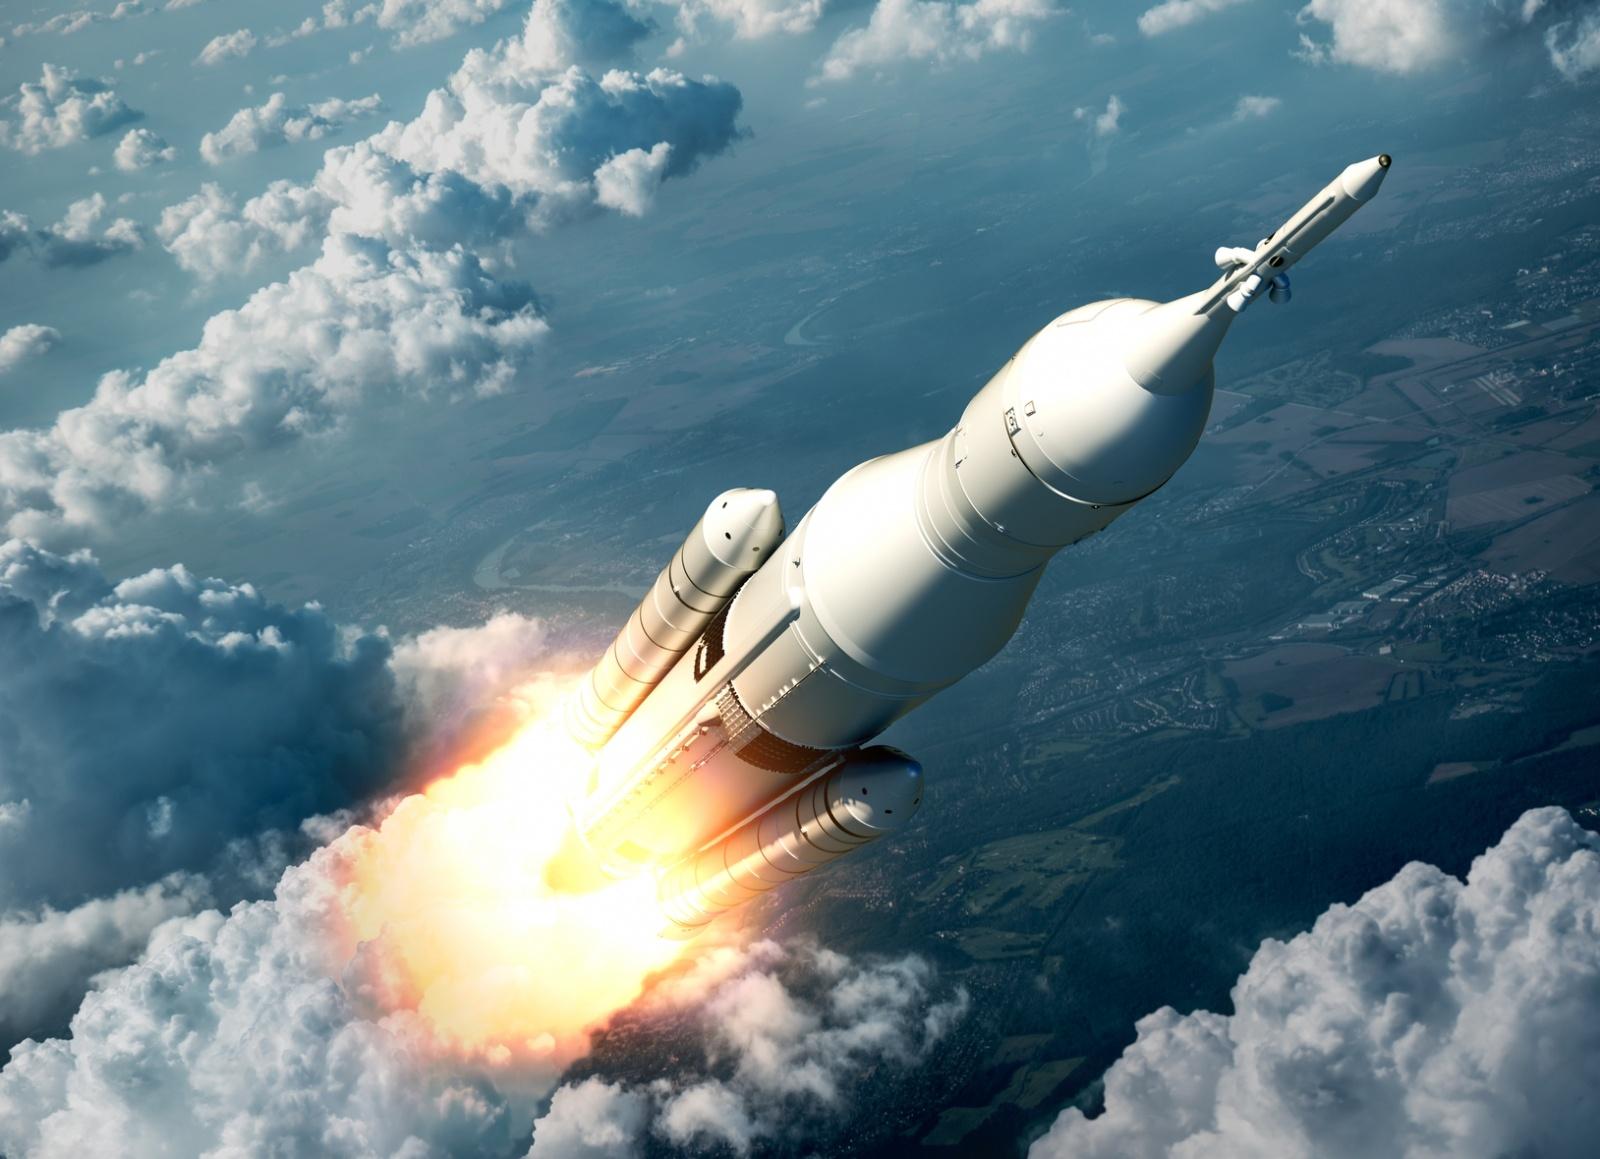 EmDrive: Работа от НАСА Eagleworks прошла независимую экспертизу - 1